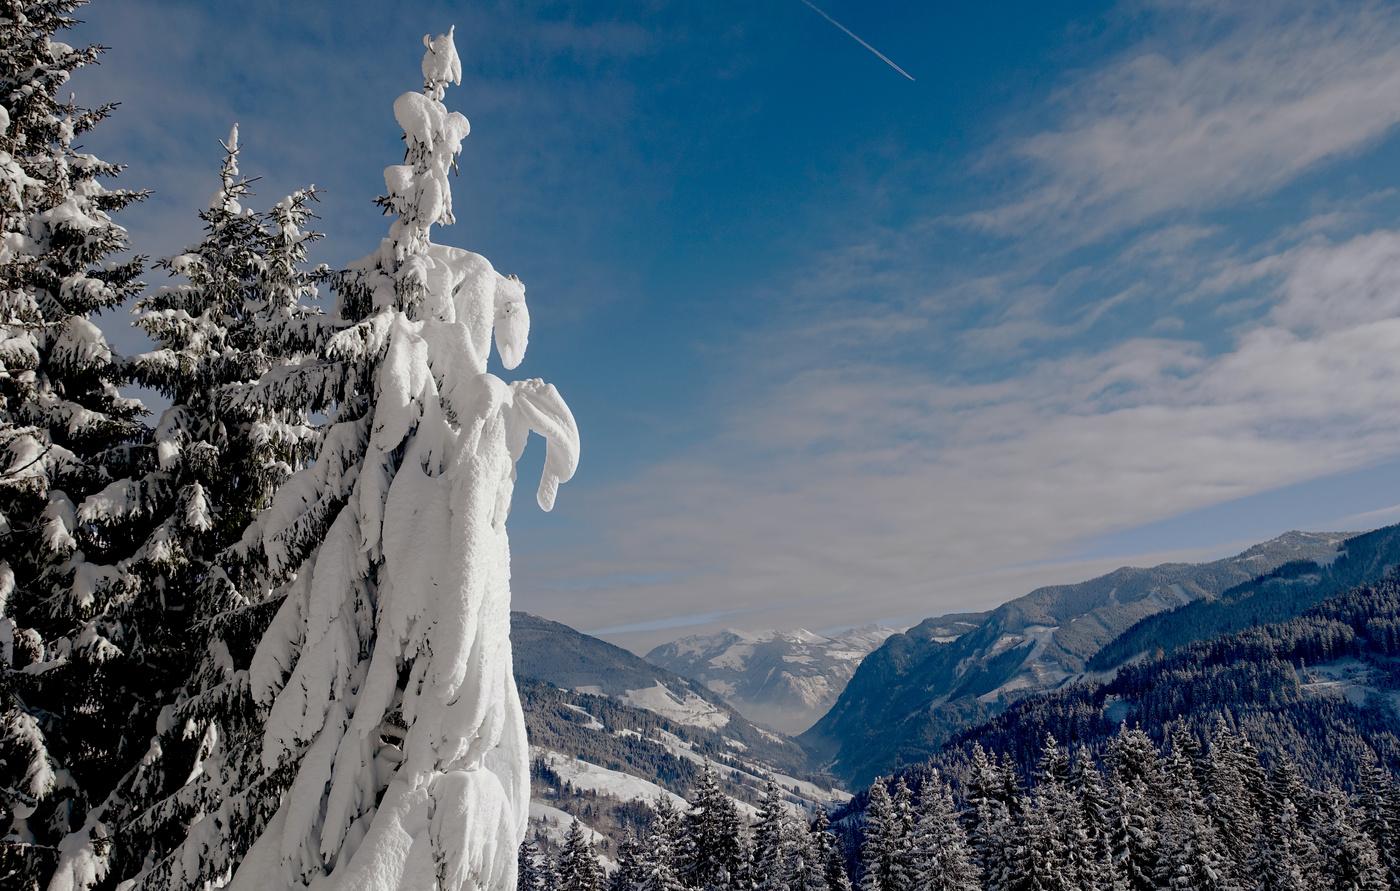 эстетическая сторона художественные фотографии заснеженных альп продаж